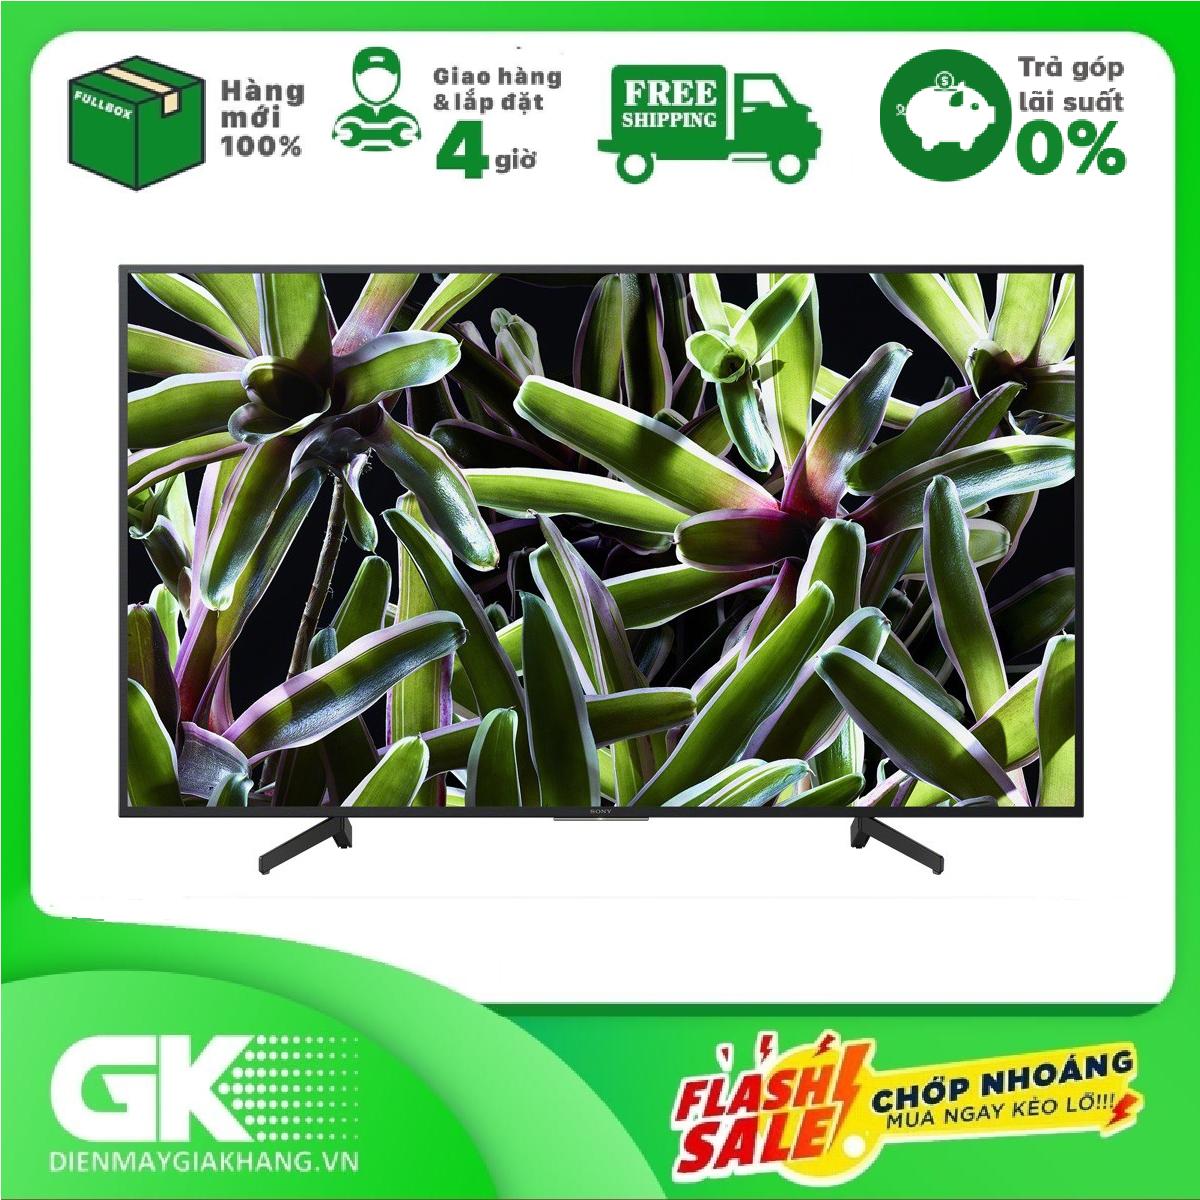 TRẢ GÓP 0% – Smart Tivi Sony 4K 55 inch KD-55X7000G Mẫu 2019 – Hàng mới 100% – BTRẢo hành 24 tháng